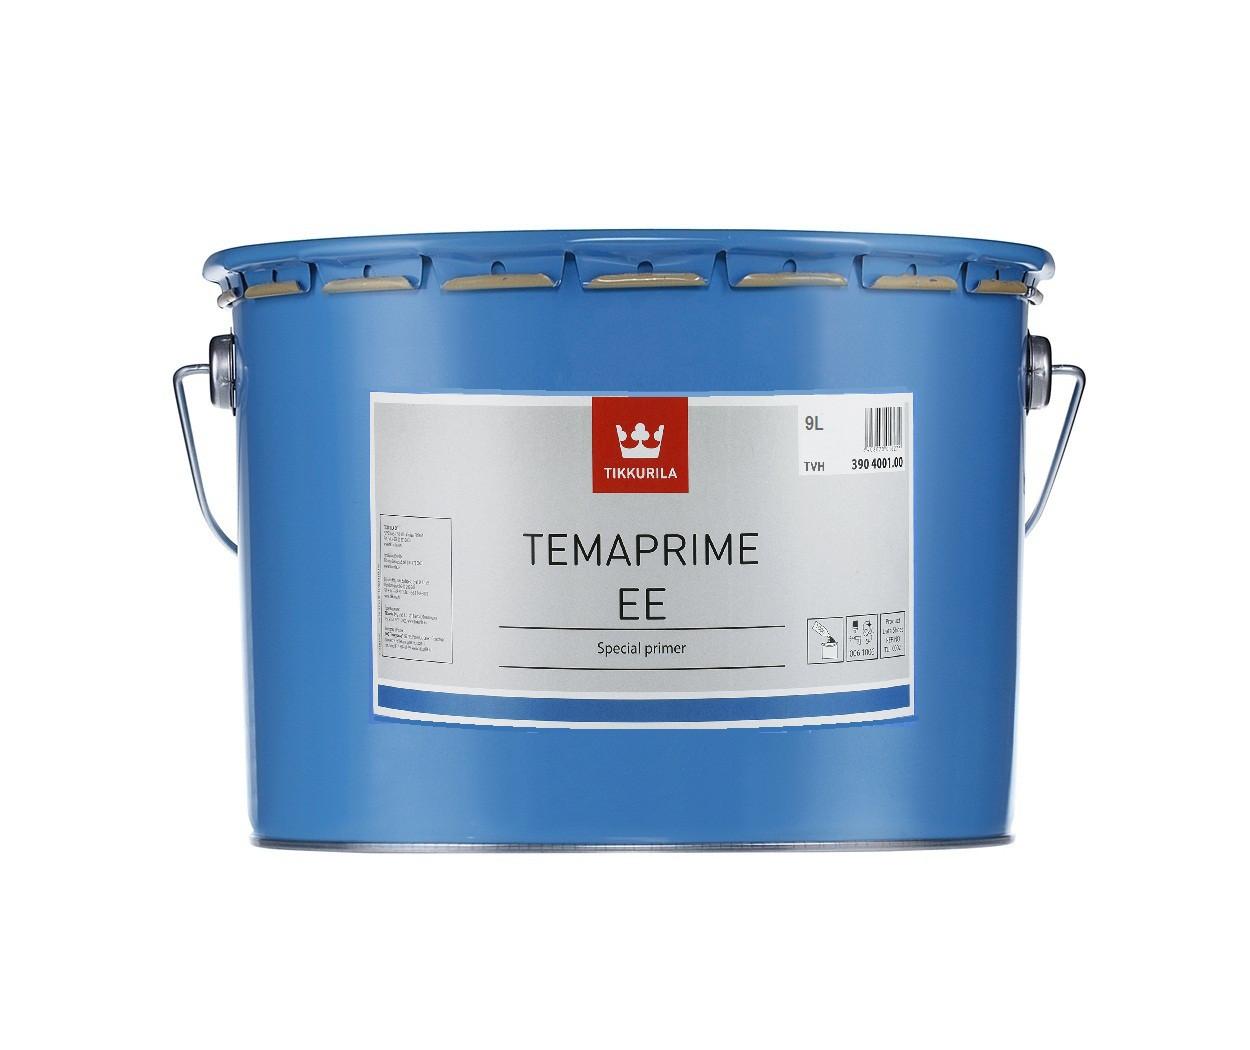 Грунт алкидный TIKKURILA TEMAPRIME ЕЕ антикоррозионный, TVH-белый, 9л